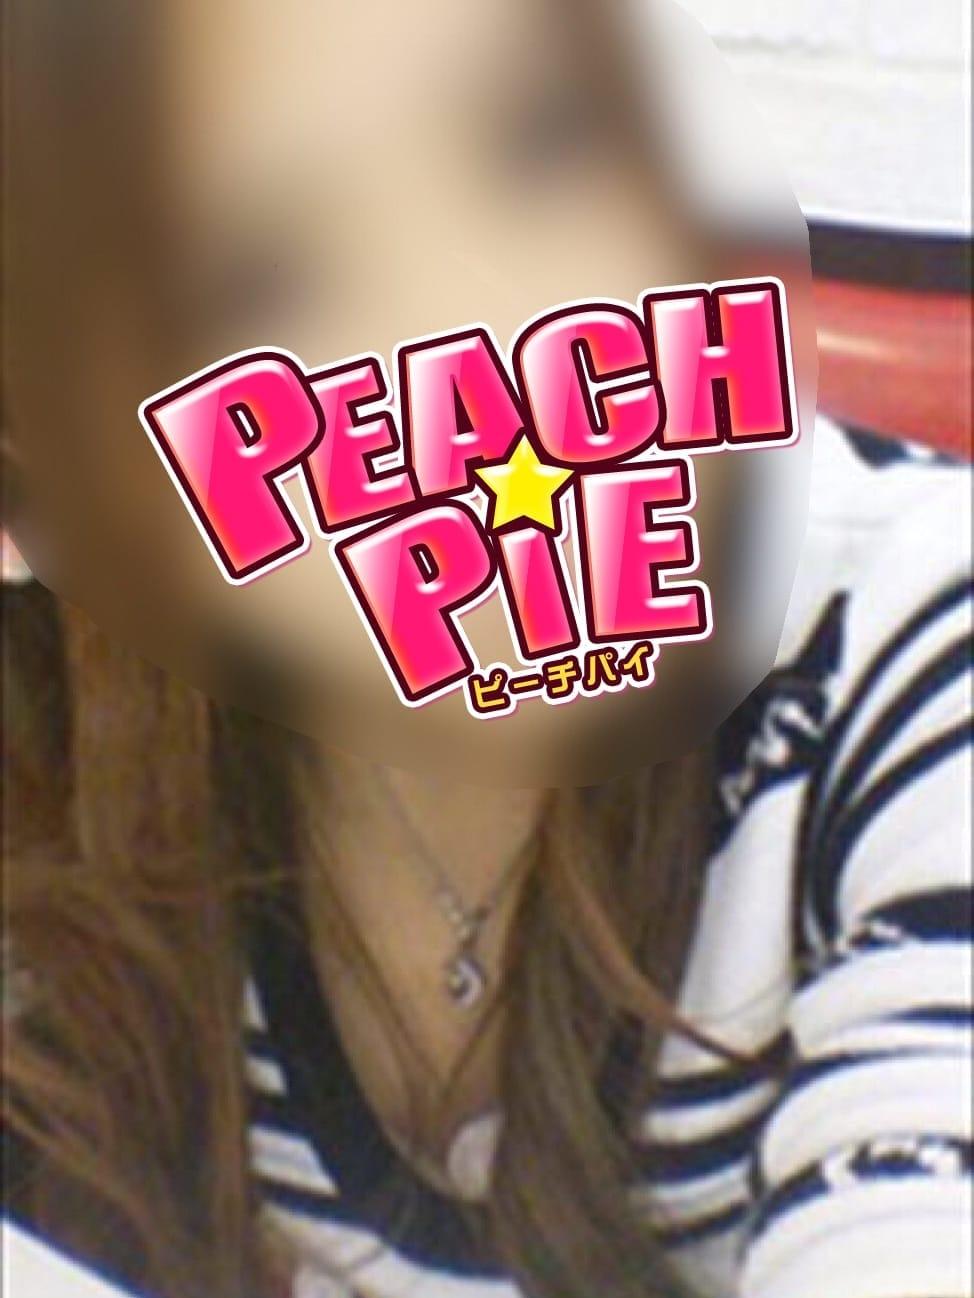 さゆり(PEACH PIE-ピーチパイ-)のプロフ写真1枚目